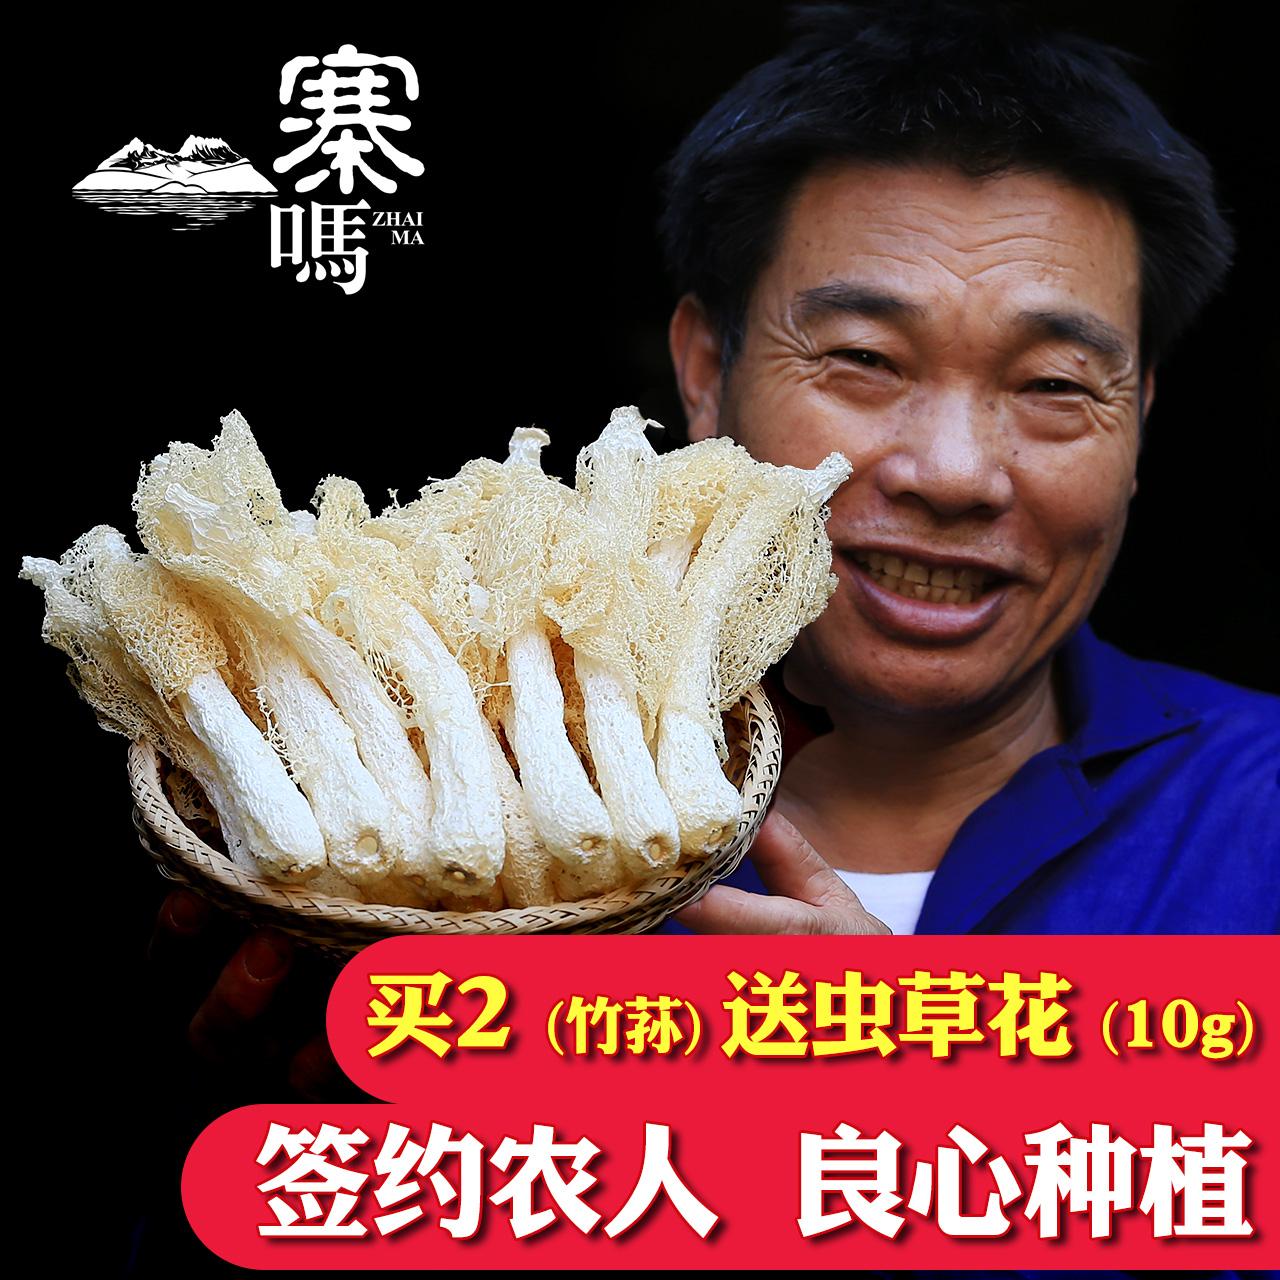 寨吗竹荪干货100g井冈山竹笙农家自种新鲜竹孙足荪菌菇特产非500g